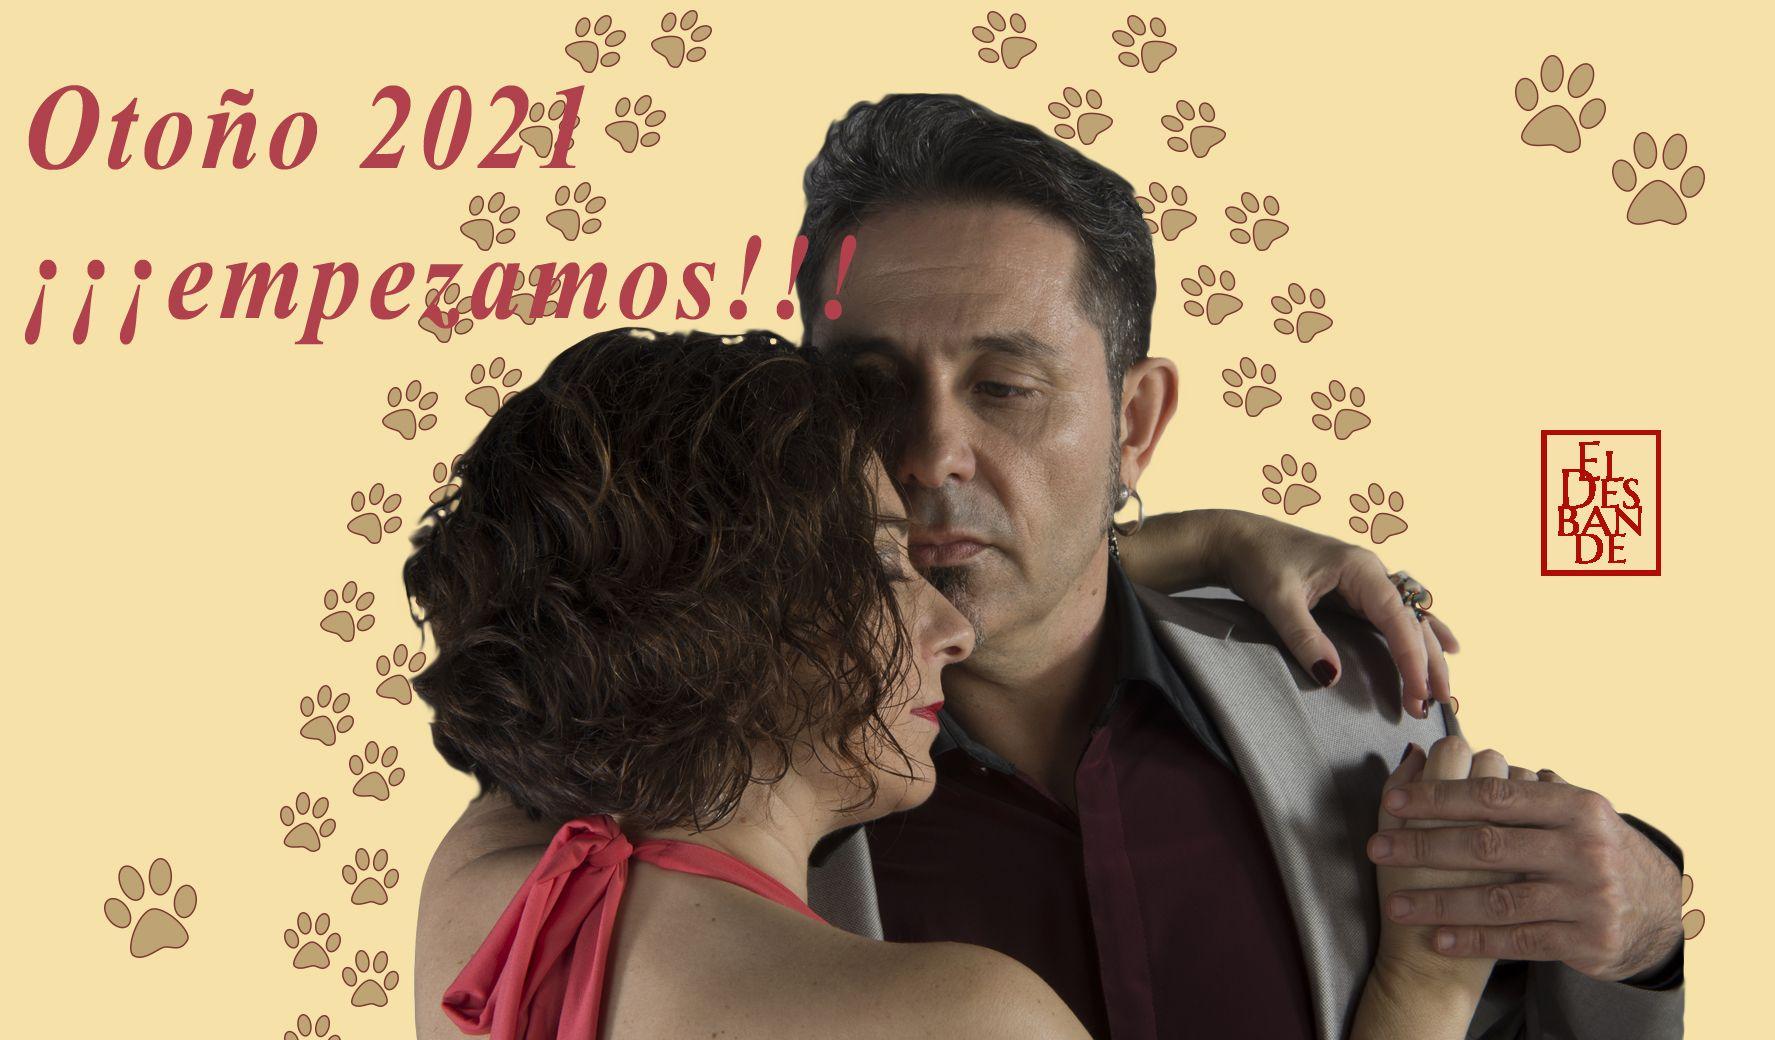 bailar tango, empezamos